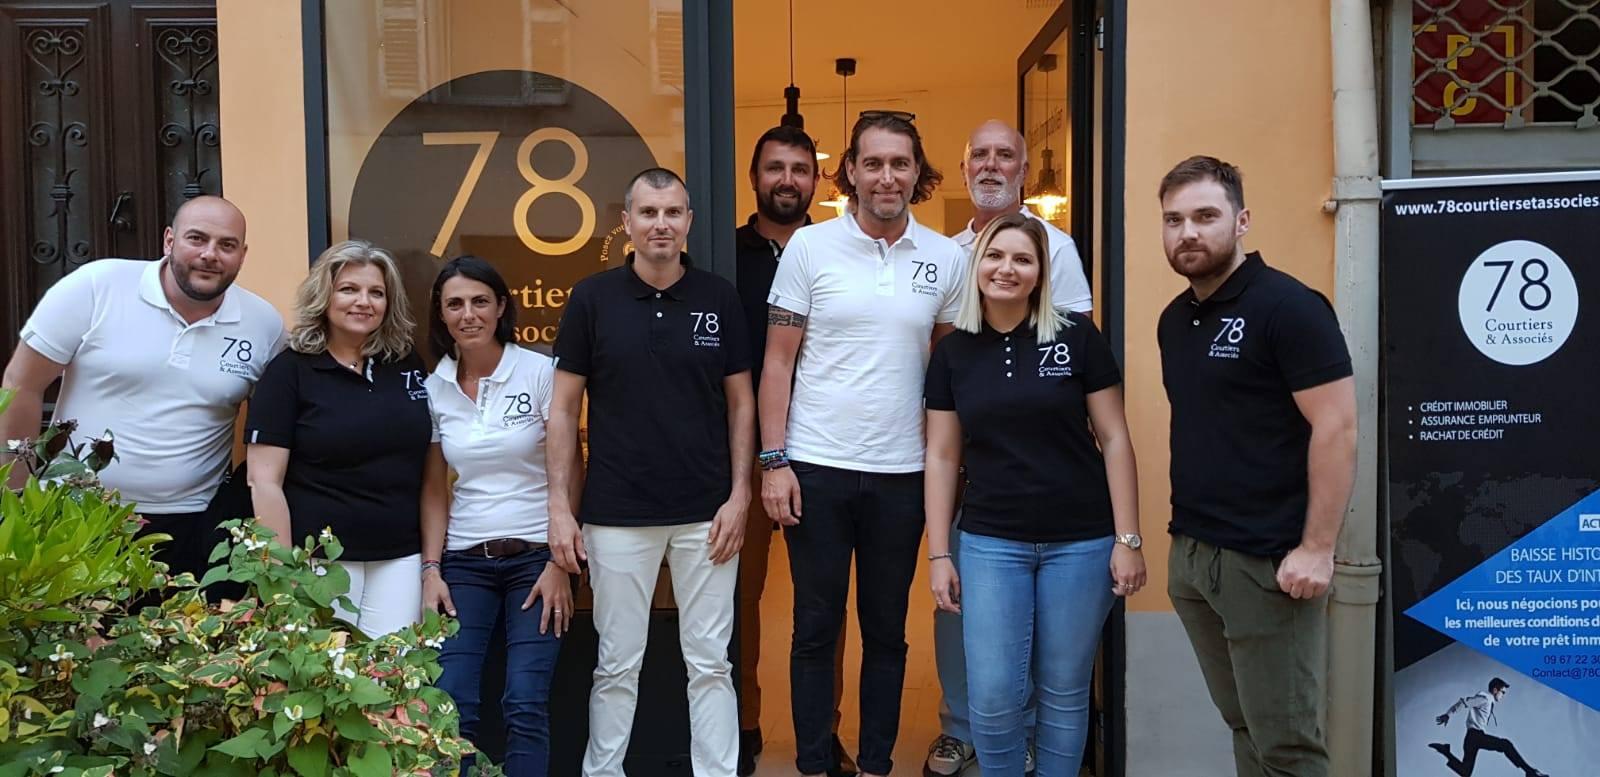 Notre histoire Equipe 78 Courtier Associé Immobilier Marseille